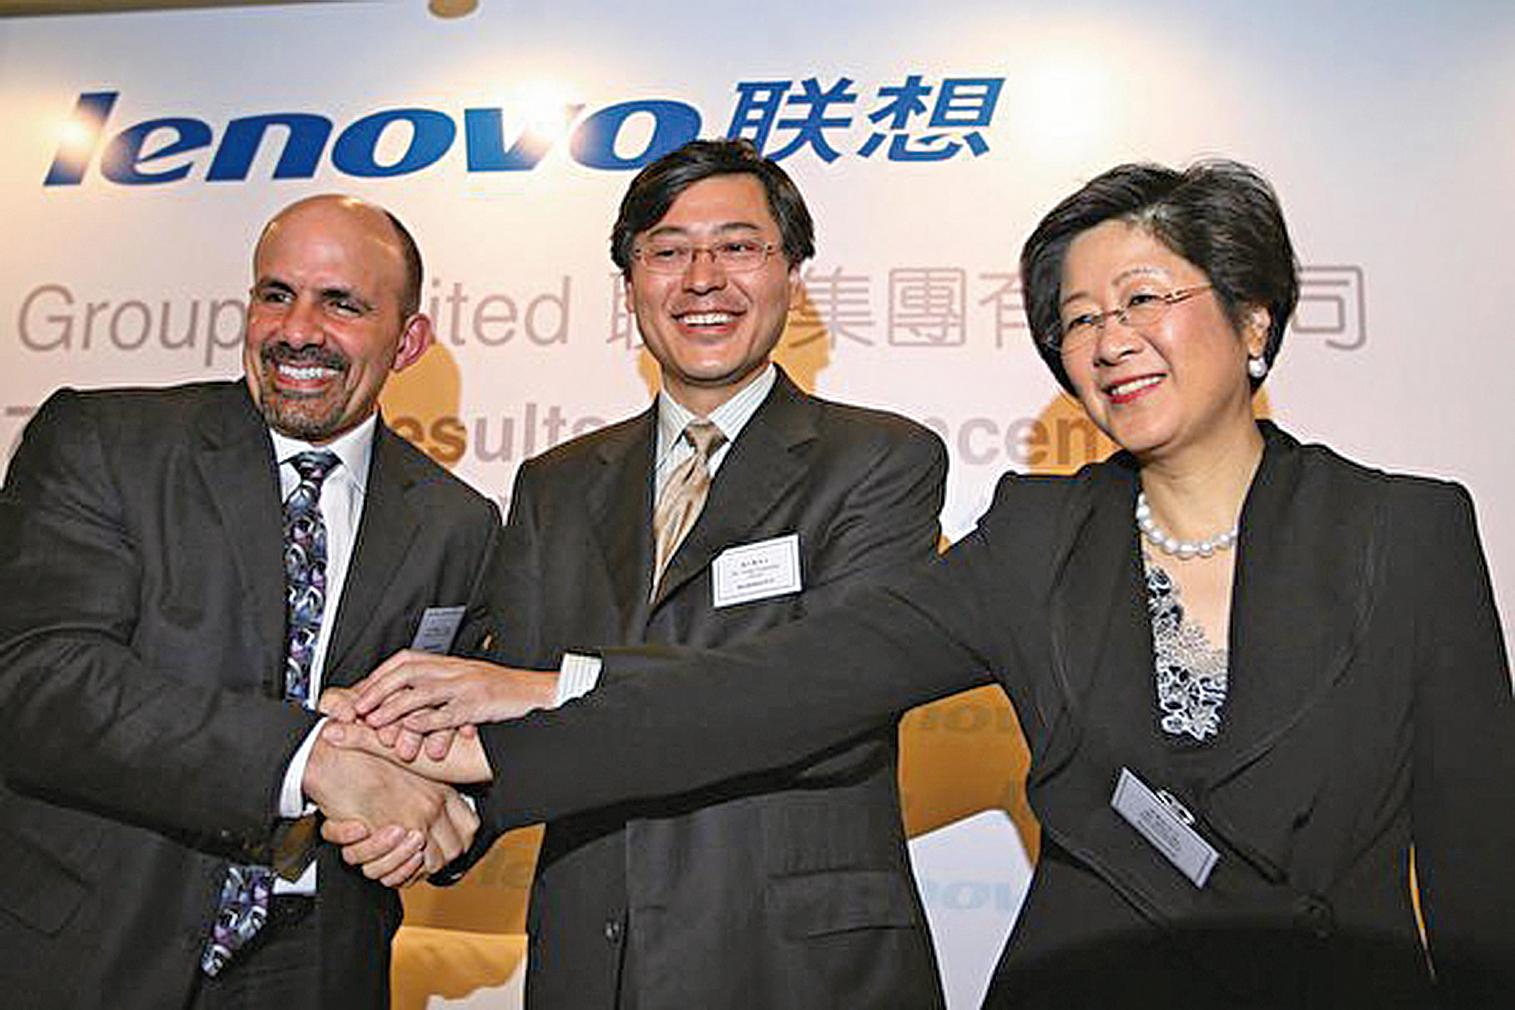 聯想集團董事會獨立非執行董事馬雪征曾給柳傳志當副手長達17年。圖為時任聯想高級副總裁的馬雪征(右)於2007年在香港出席聯想記者會。(MIKE CLARKE/AFP/Getty Images)